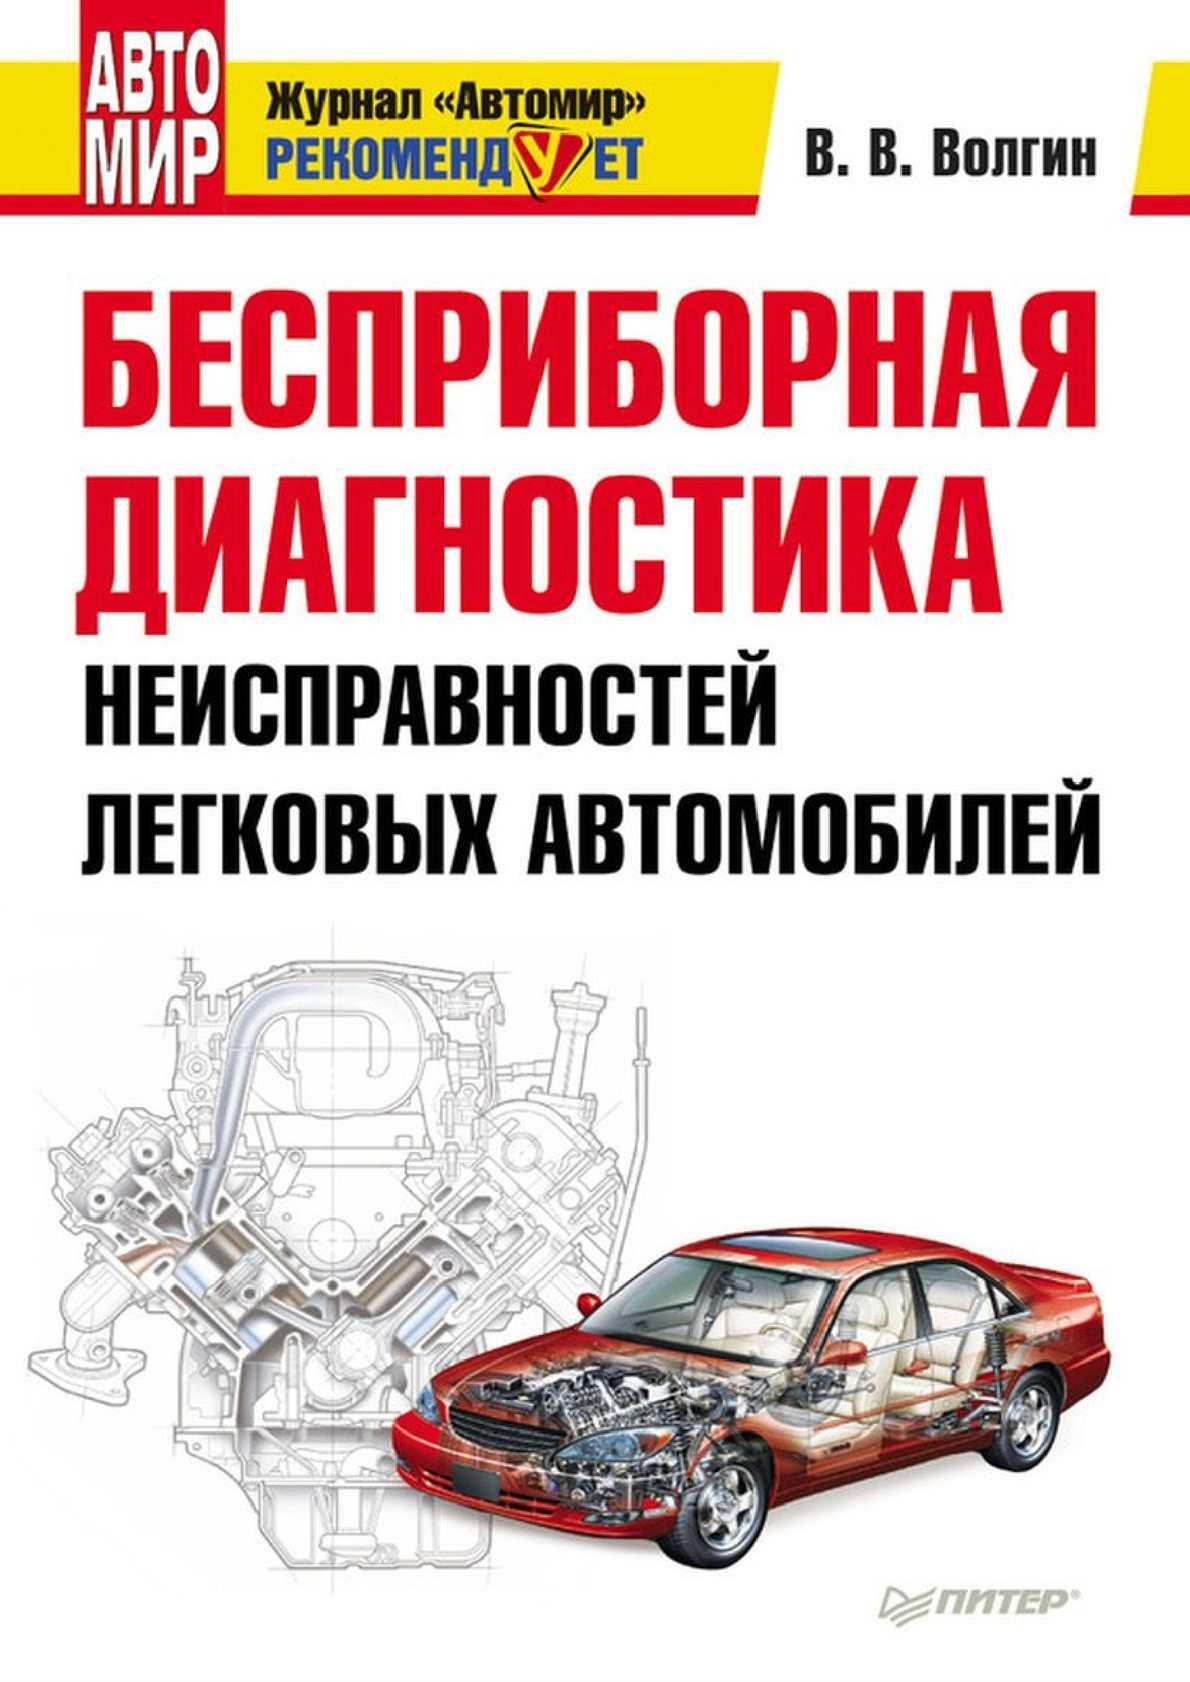 Автомобиль своими руками книги